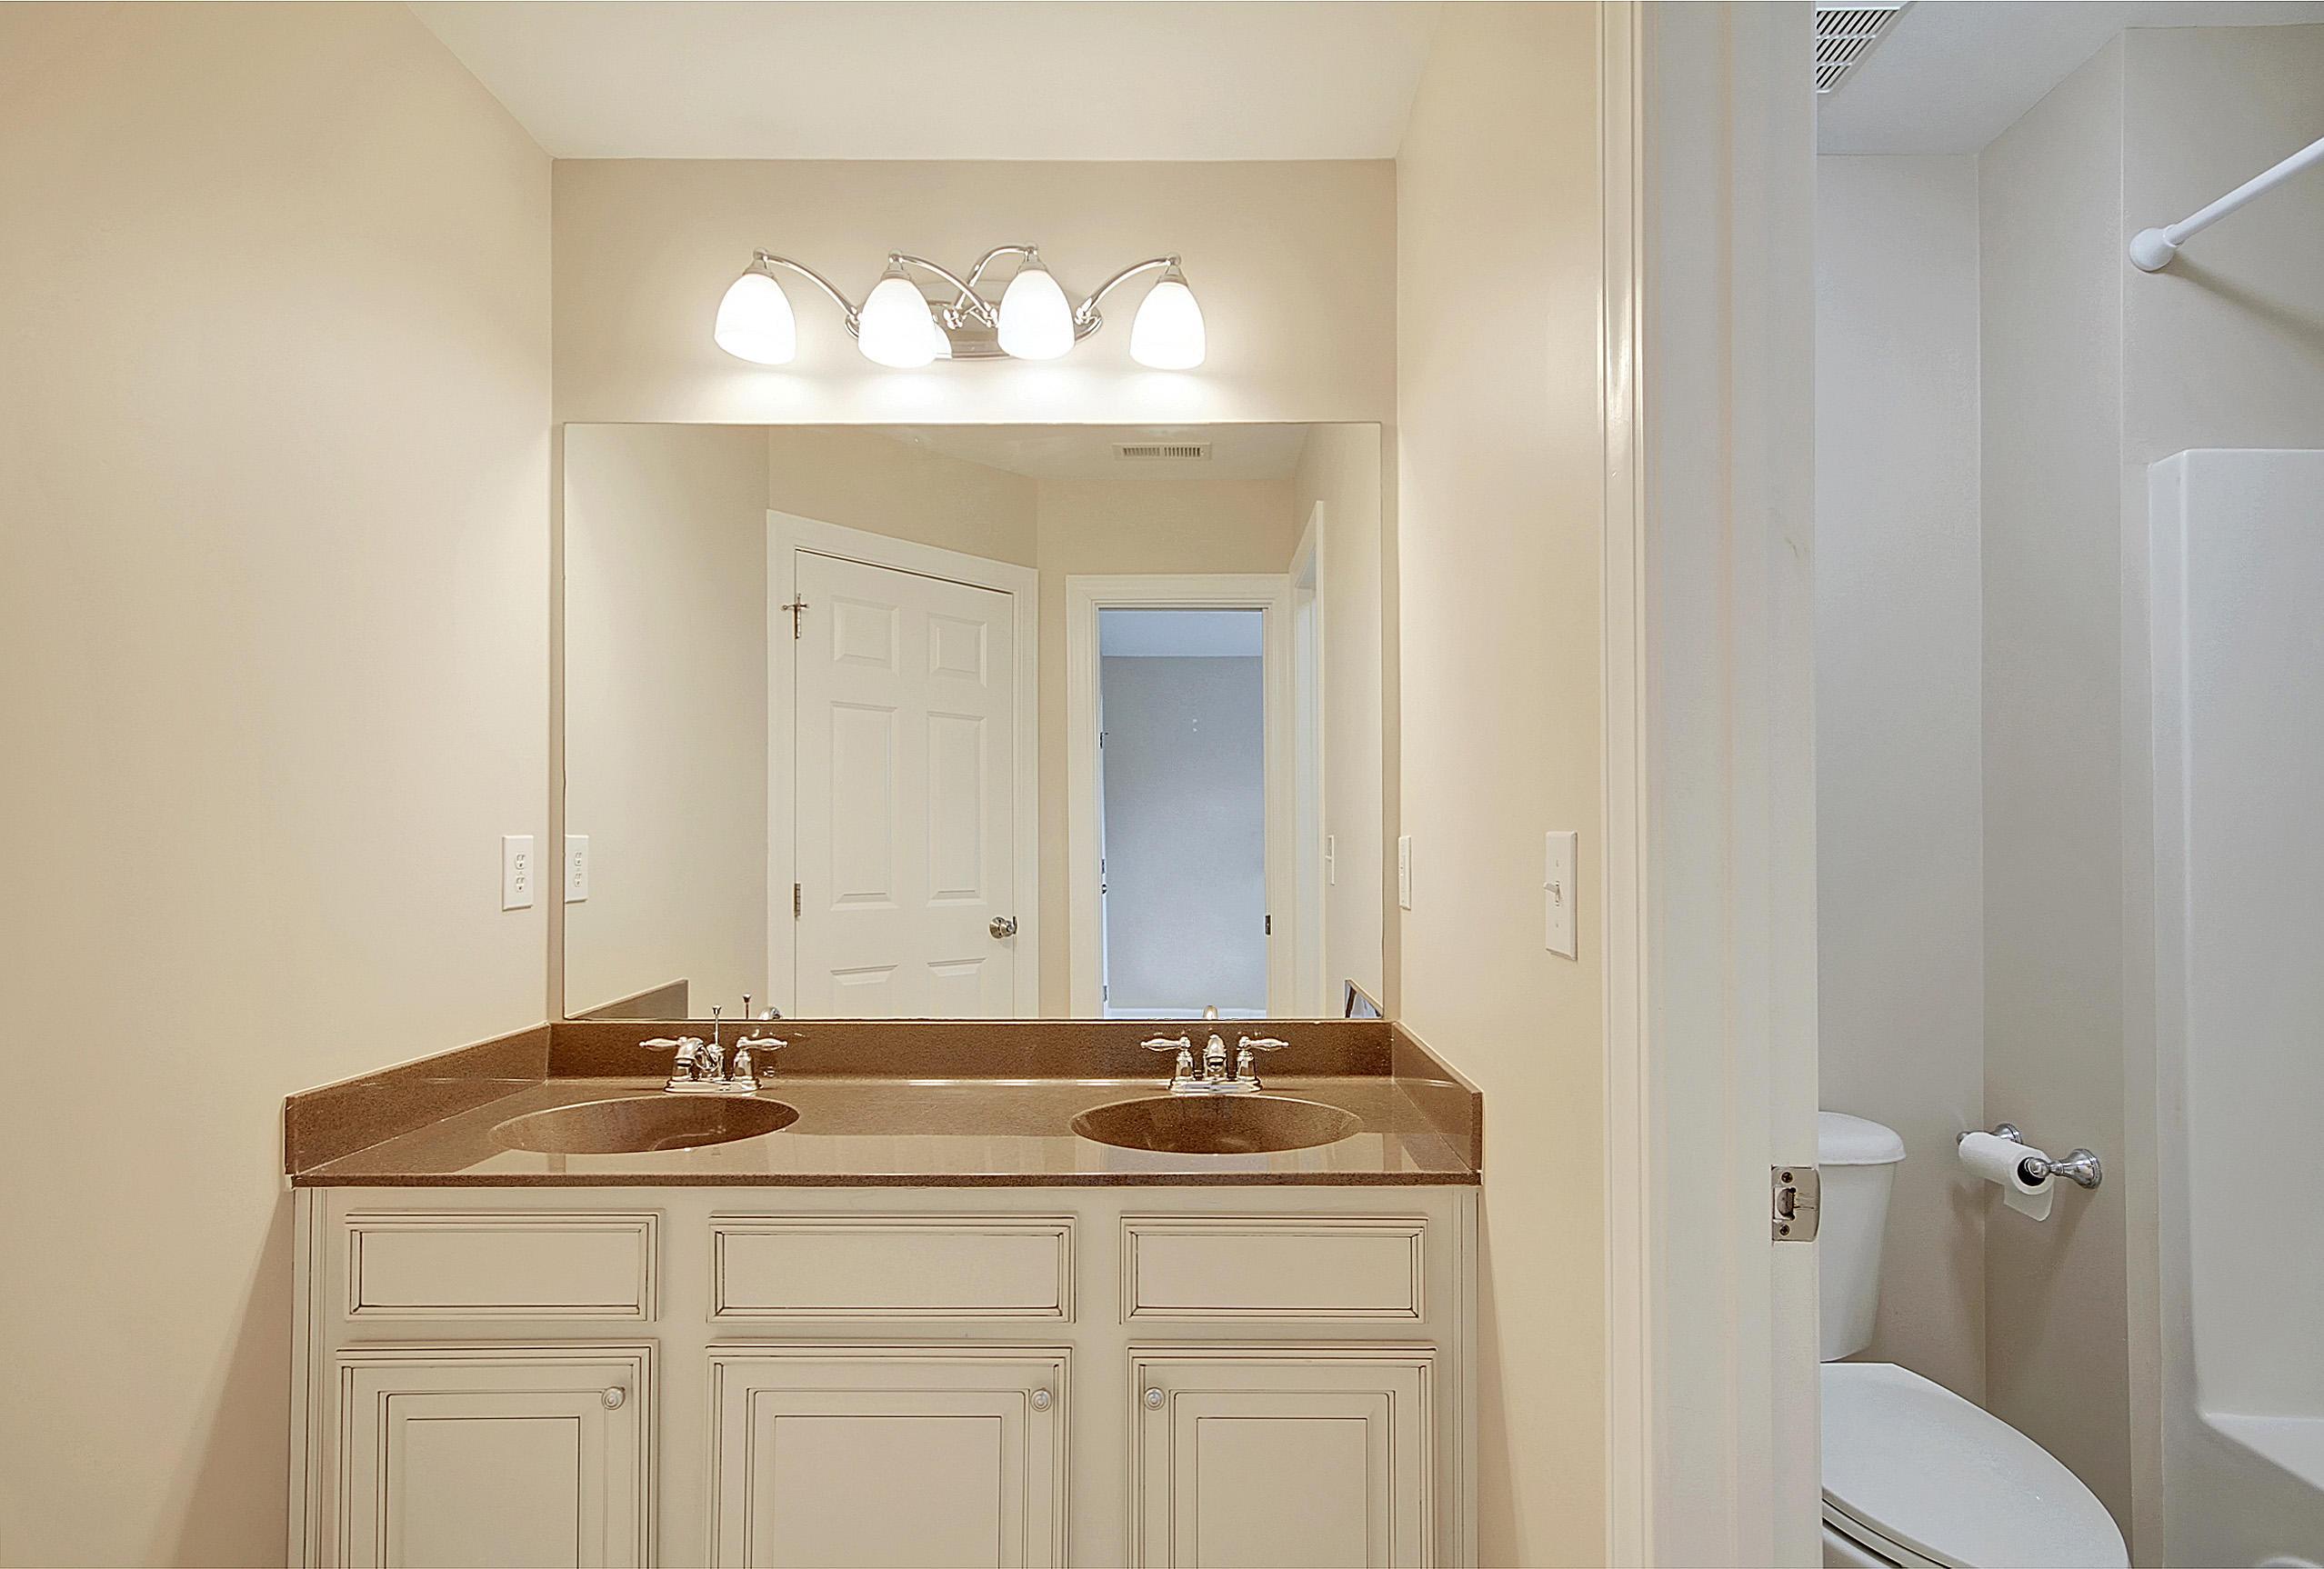 Dunes West Homes For Sale - 1501 Jacaranda, Mount Pleasant, SC - 4